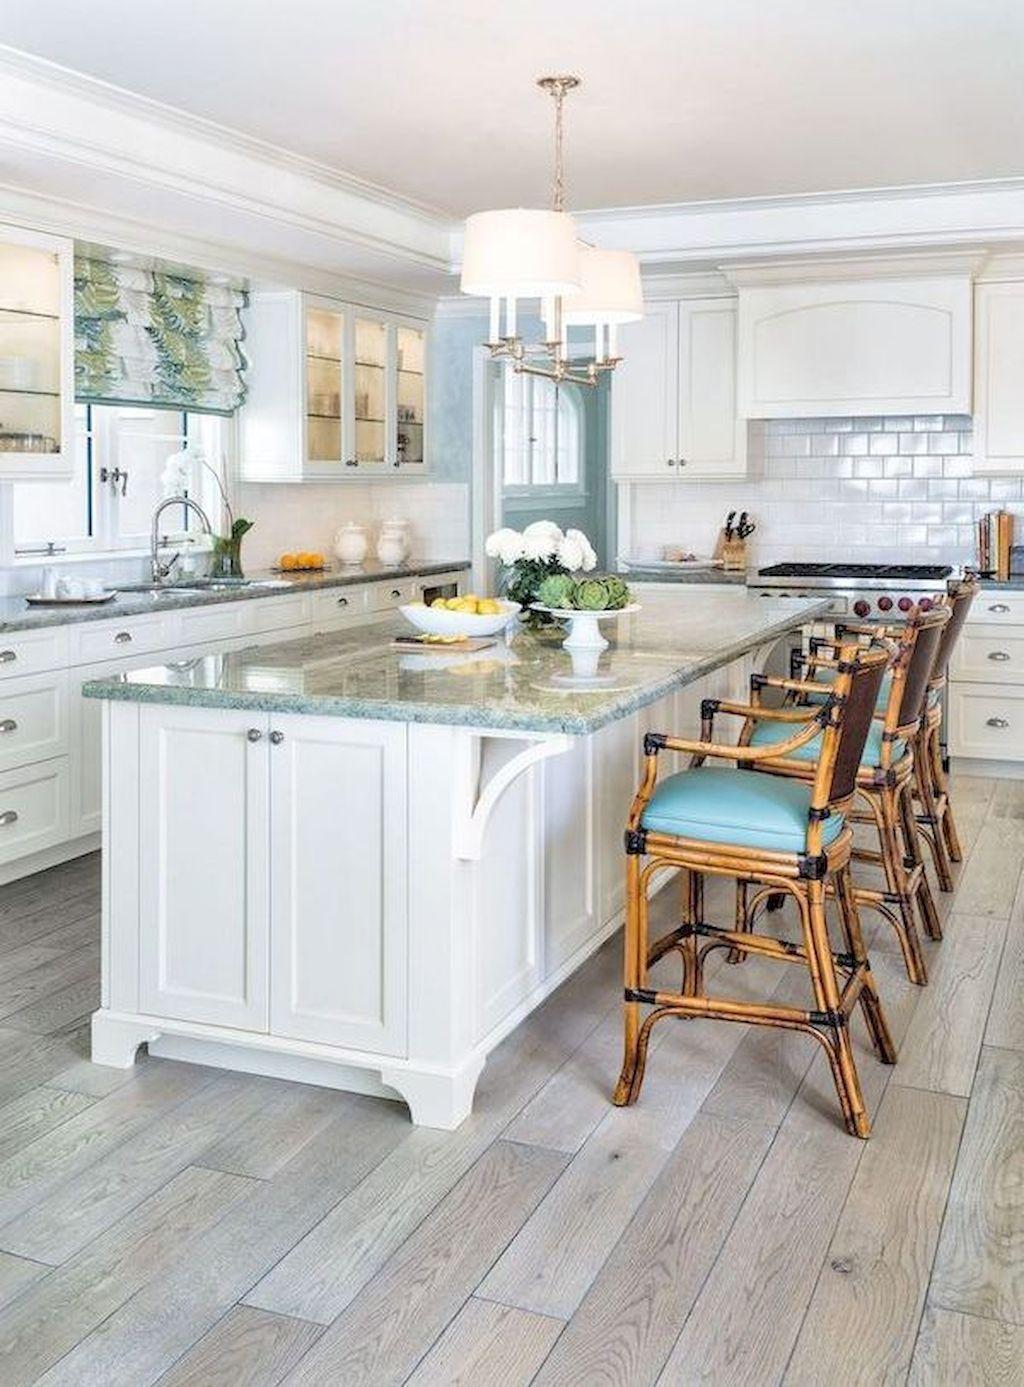 cool 70 tile floor farmhouse kitchen decor ideas https livingmarch com 70 tile floor farmhouse on farmhouse kitchen flooring id=99712